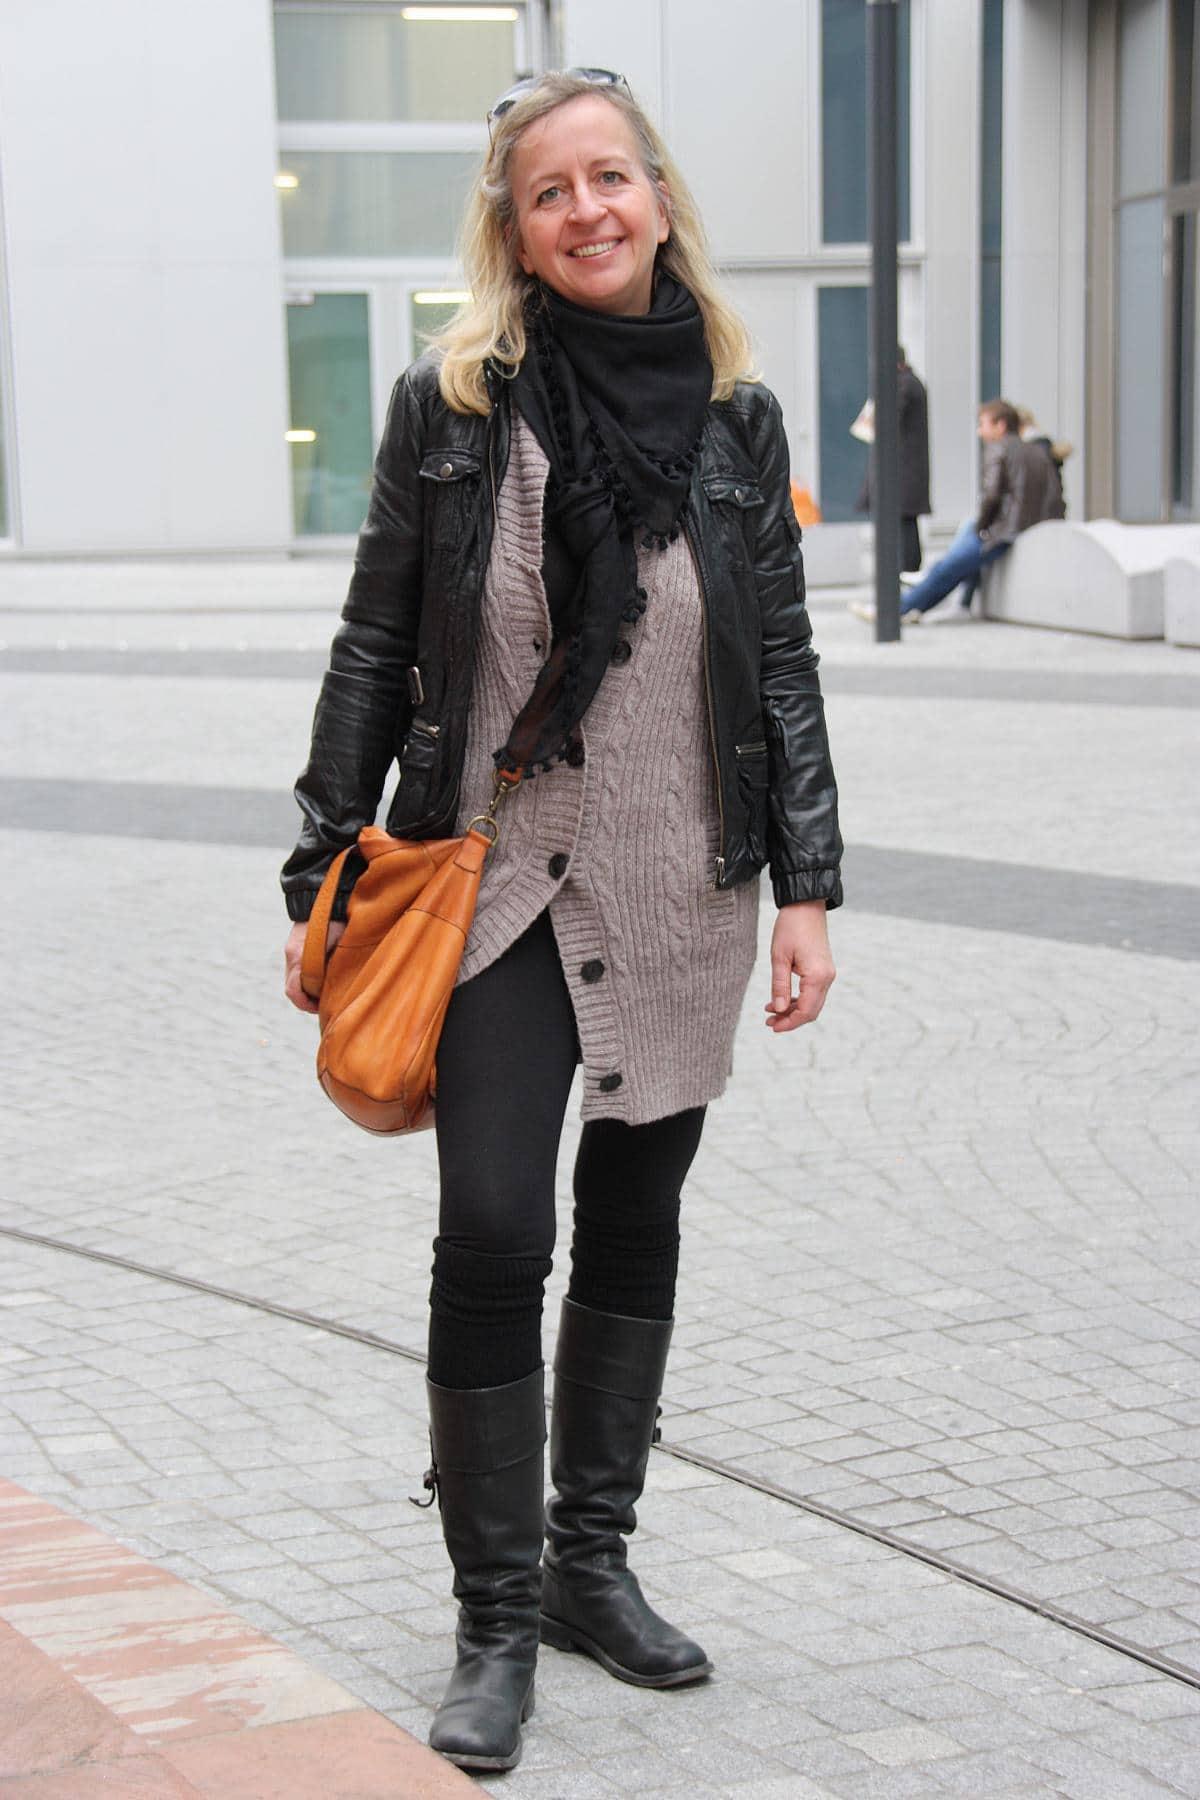 Legerer Streetstyle-Look mit schwarzen Stiefeln, Leggins, Strickcardigan und Lederjacke in Schwarz und Beige, dazu eine Crossbody-Bag in Cognac. © Copyright Bettina Katscher 2019